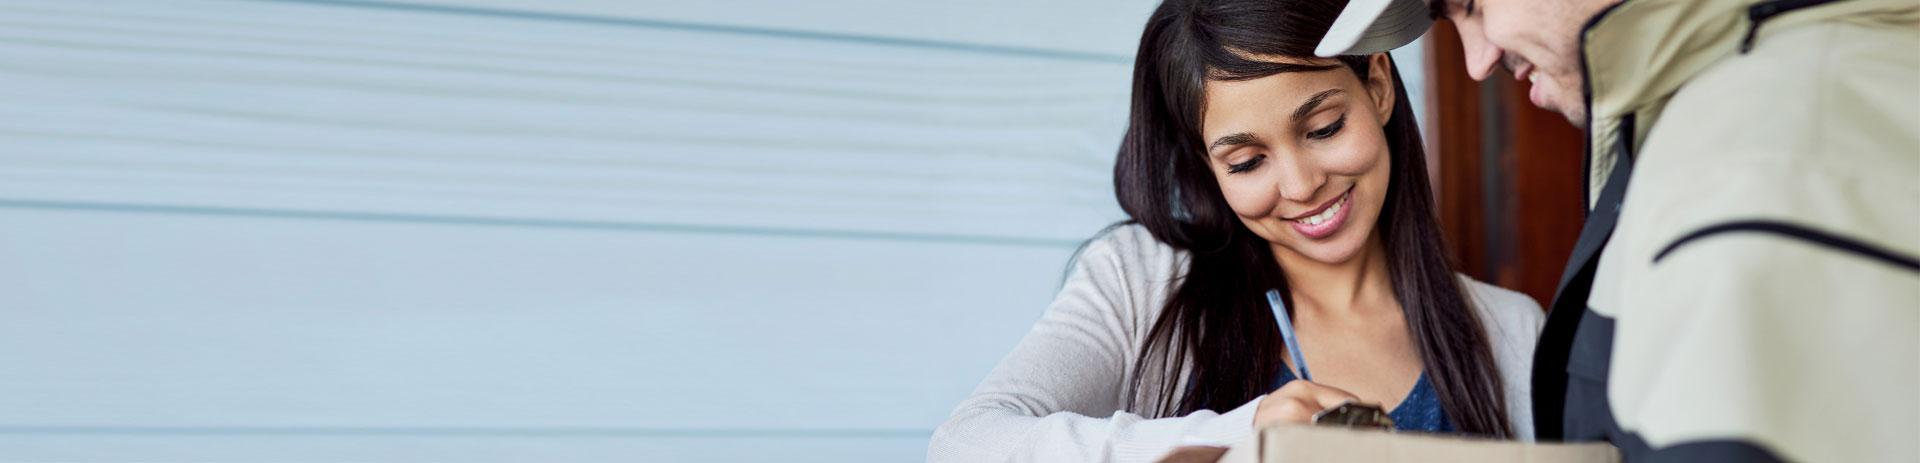 Frau unterschreibt gluecklich die Uebernahme eines Pakets, die gesteigerte Kundenorientierung und Effizienz durch A1 Software- und Telco-Loesungen betonend.